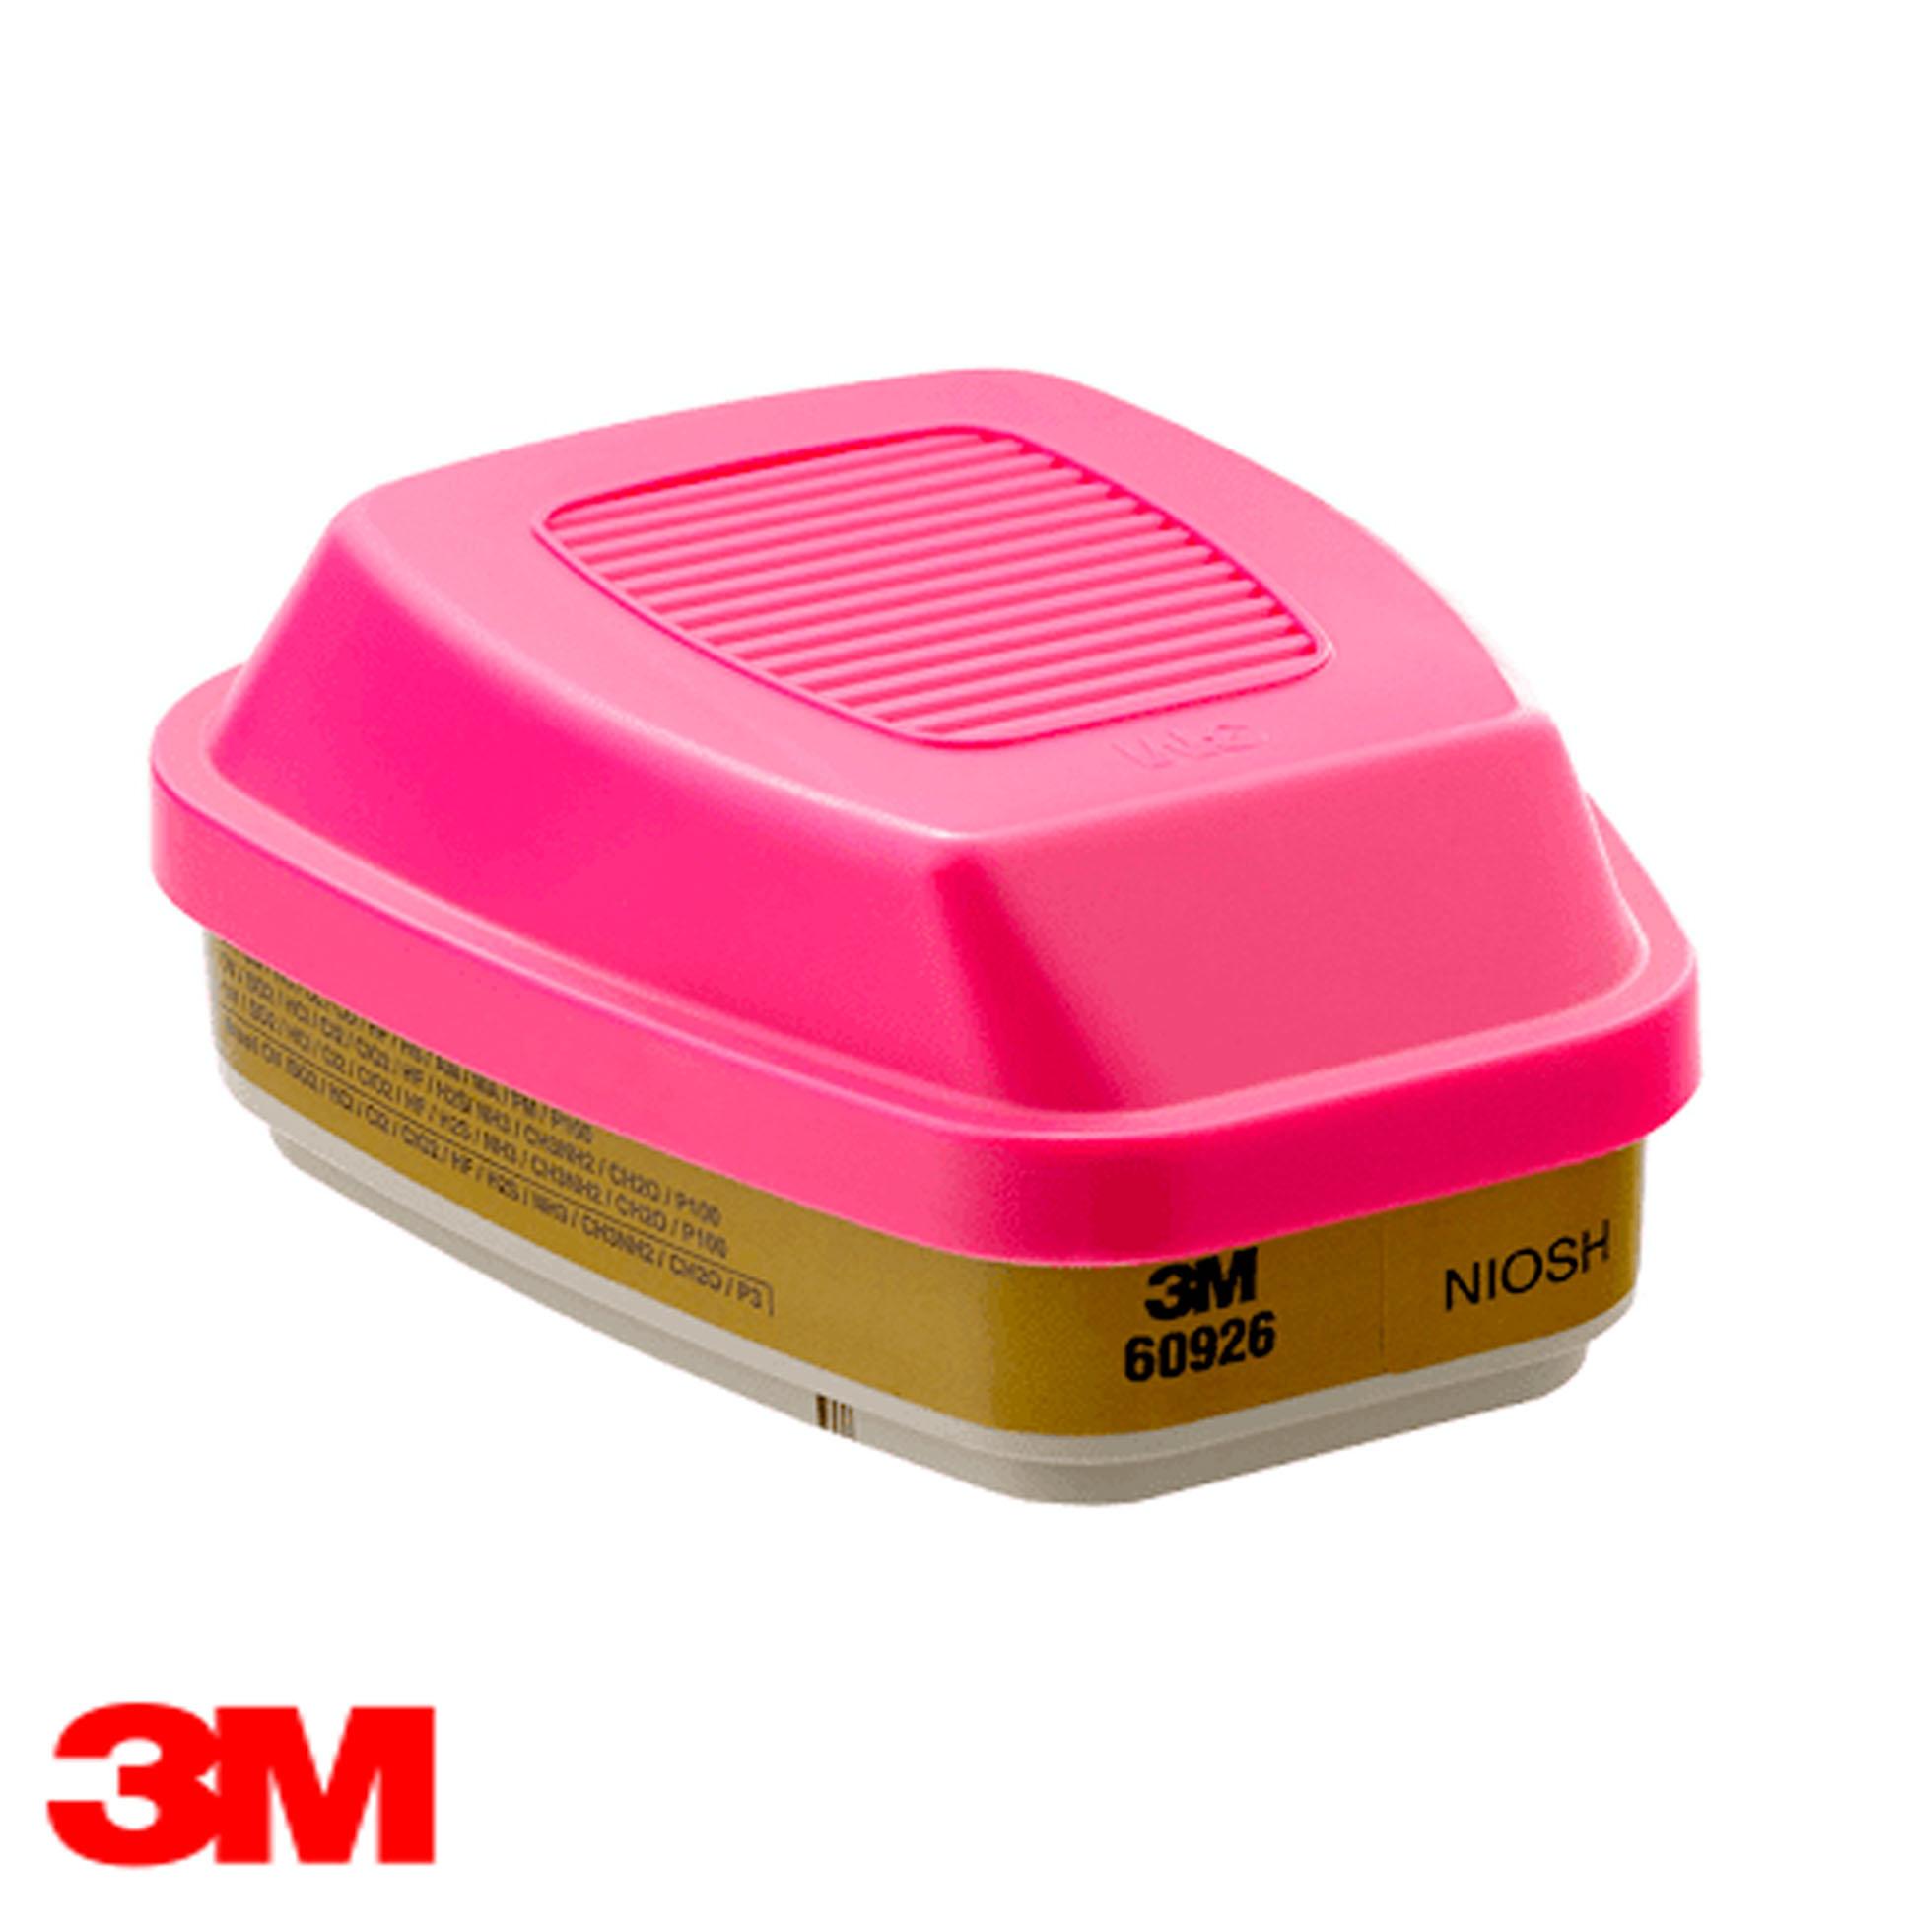 3M® Cartucho Dual para Multigases, Vapores y partículas P100, 60926